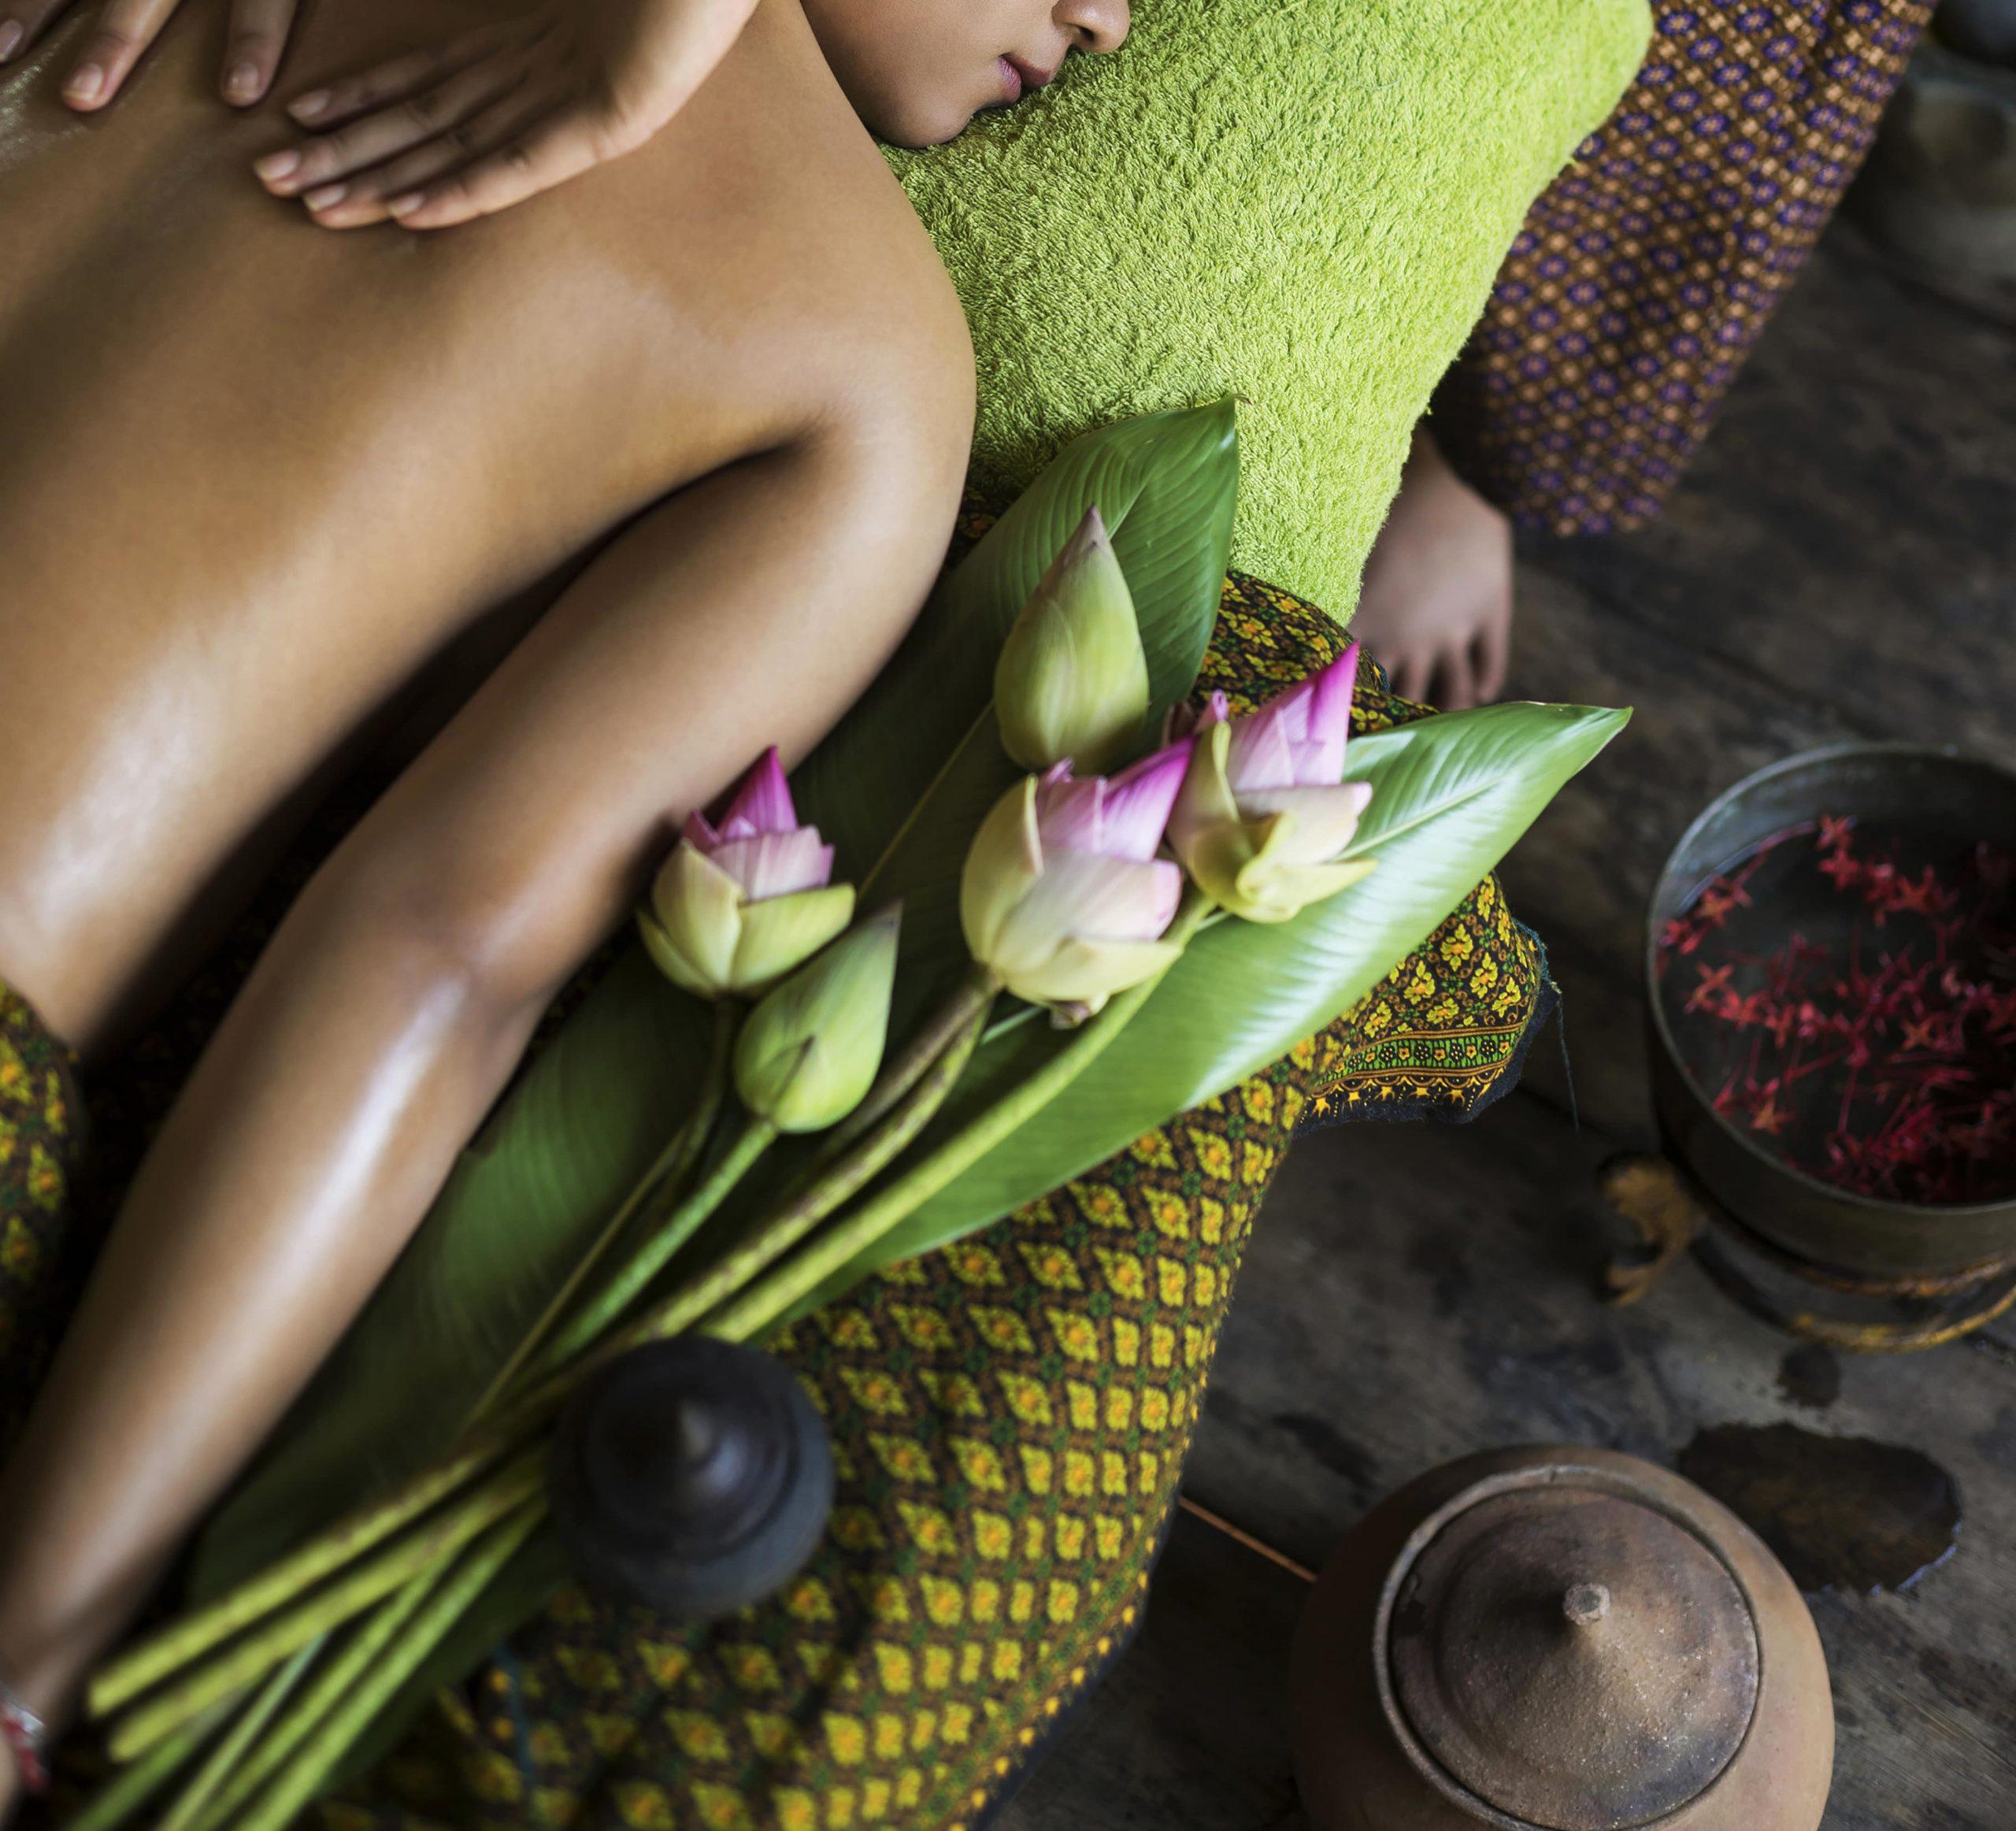 femme allongée avec mains de massage sur dos et fleurs de lotus